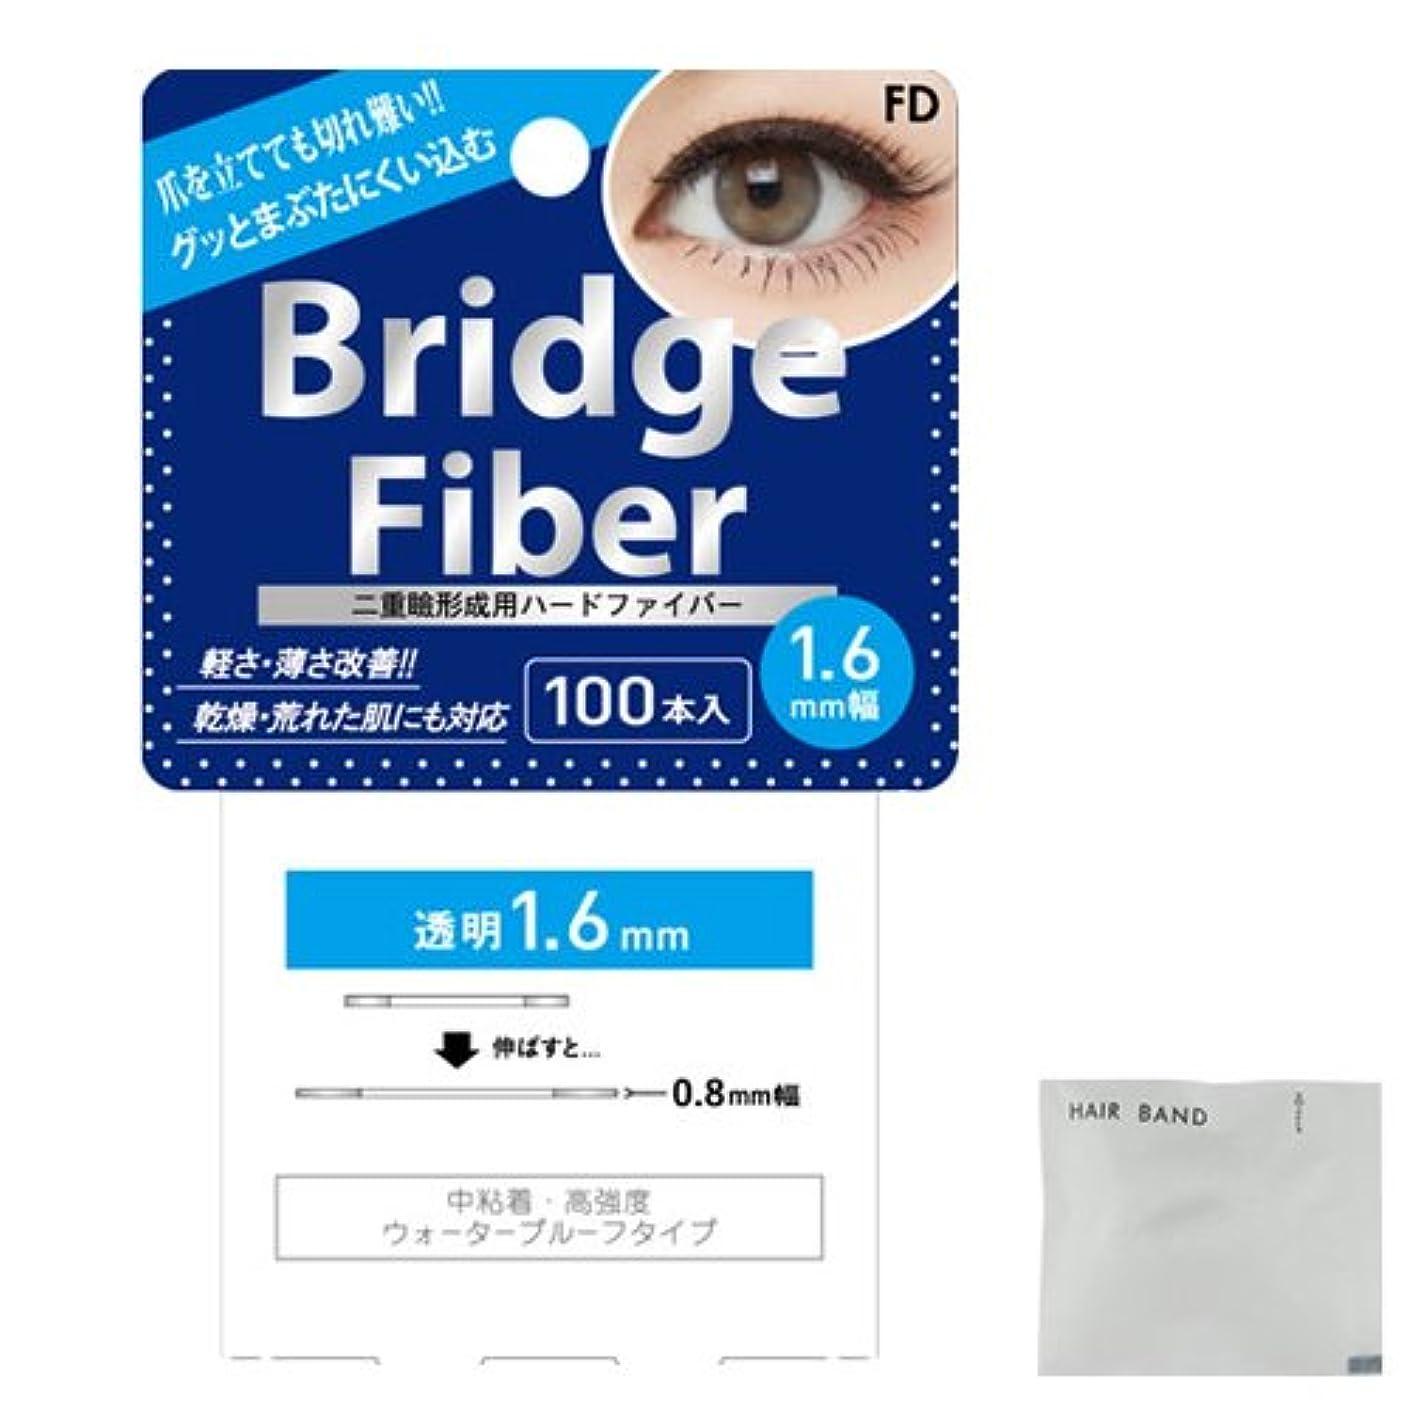 避けられないインサート護衛FD ブリッジファイバーⅡ (Bridge Fiber) クリア1.6mm + ヘアゴム(カラーはおまかせ)セット